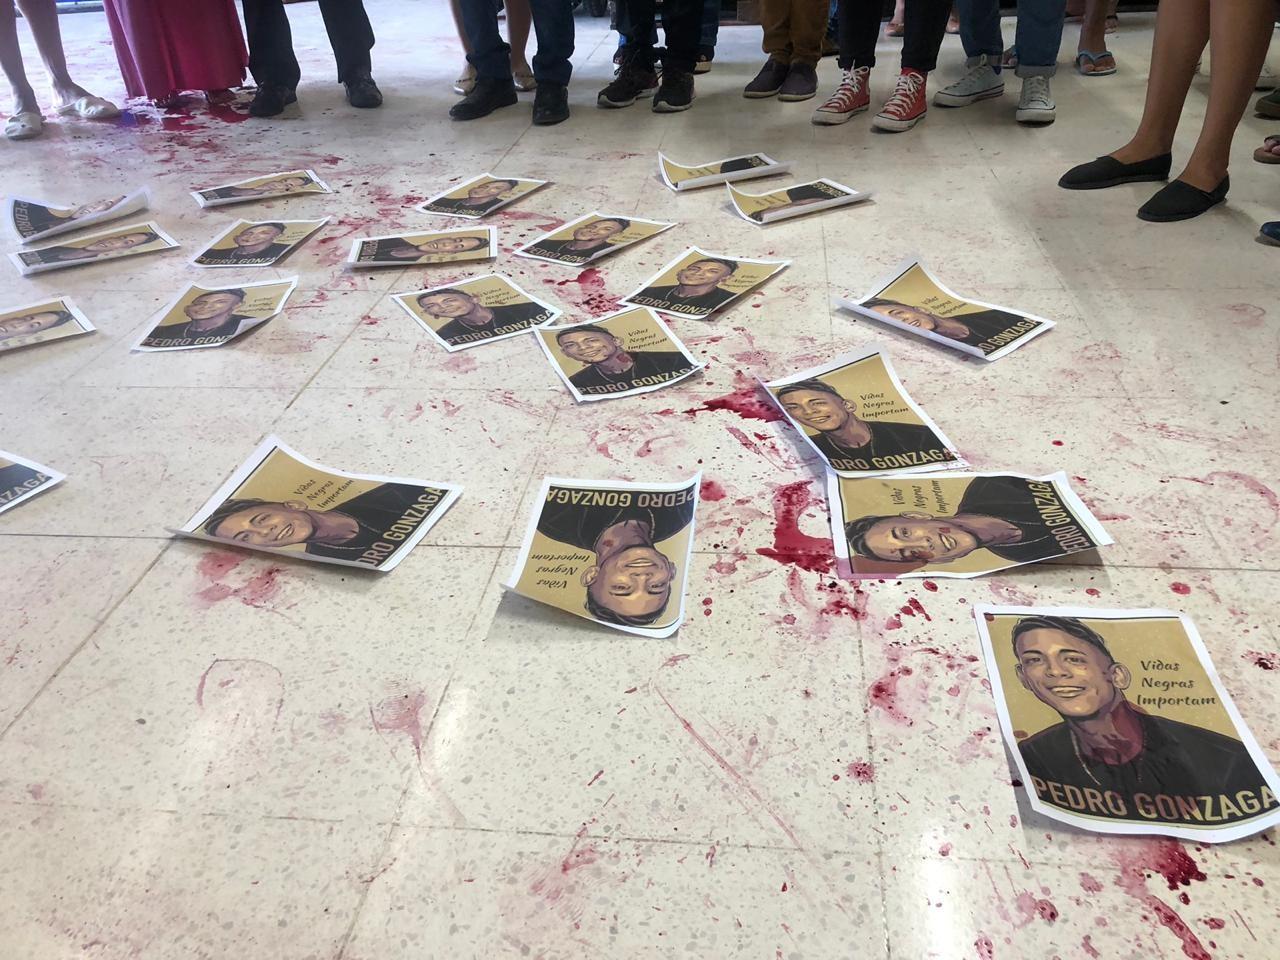 No Piauí, grupo faz protesto em supermercado da mesma rede em que jovem foi morto por segurança - Noticias